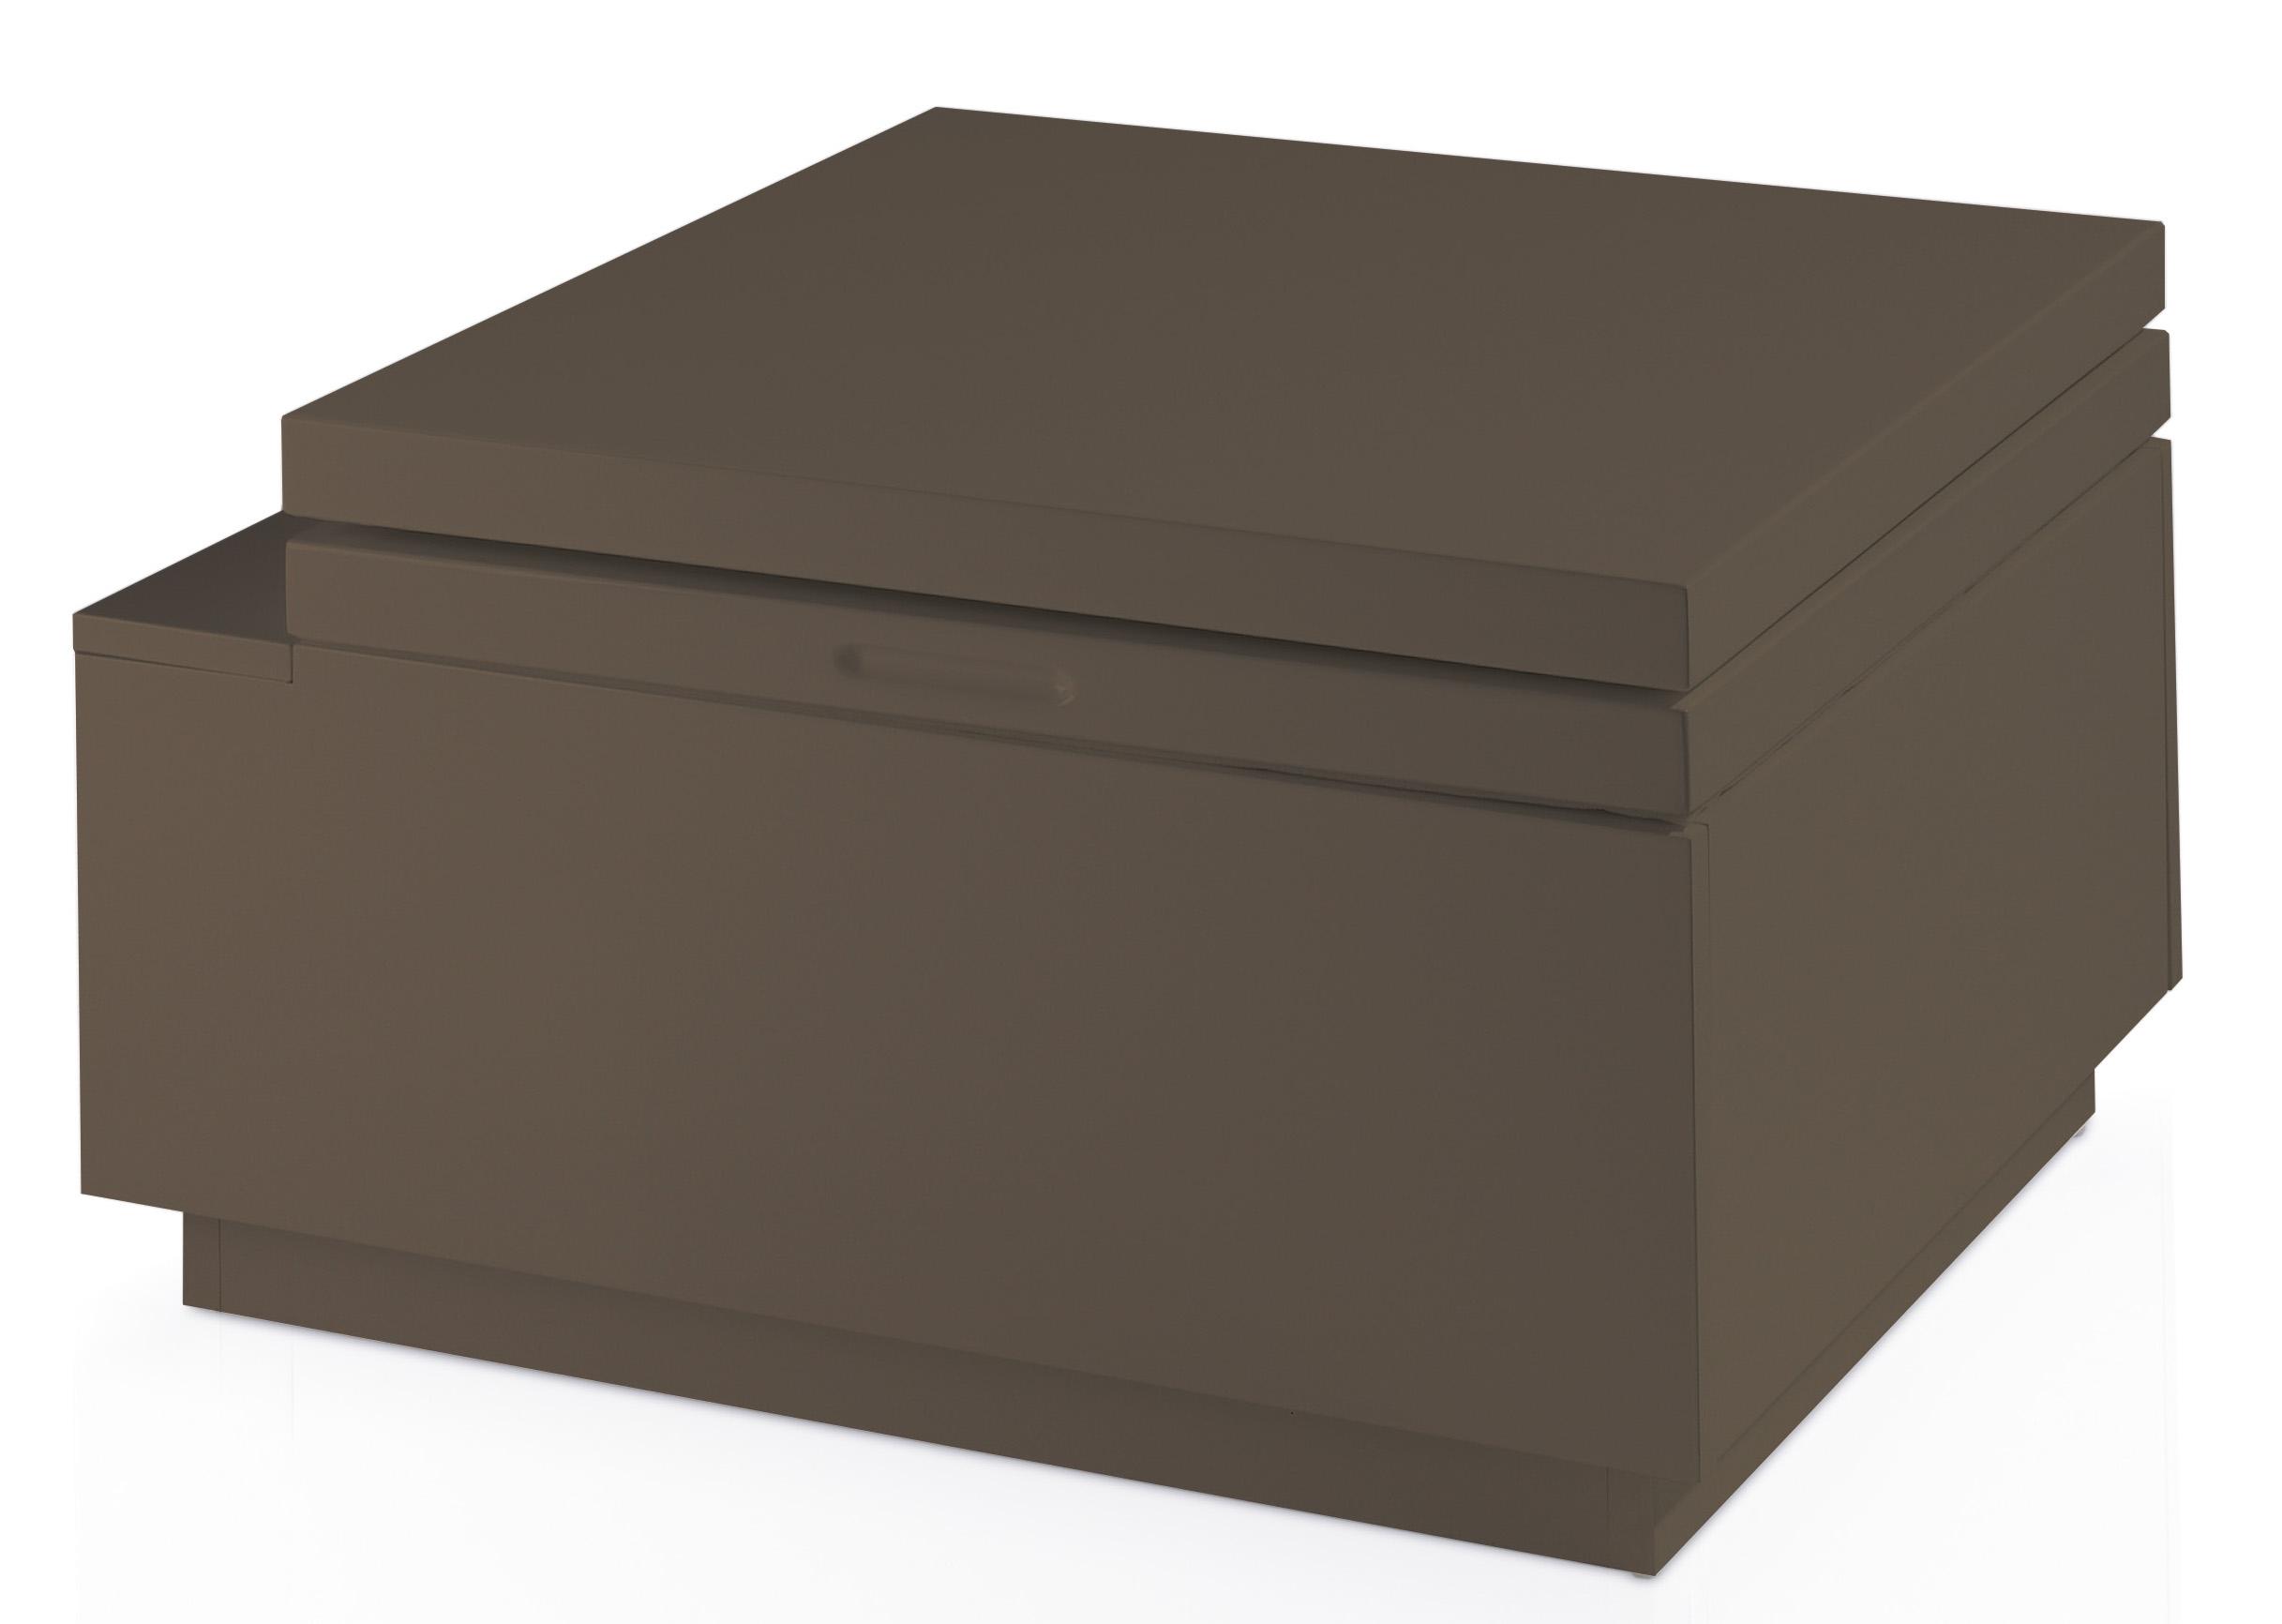 Table basse relevable laqu e marron kuba - Table basse marron ...